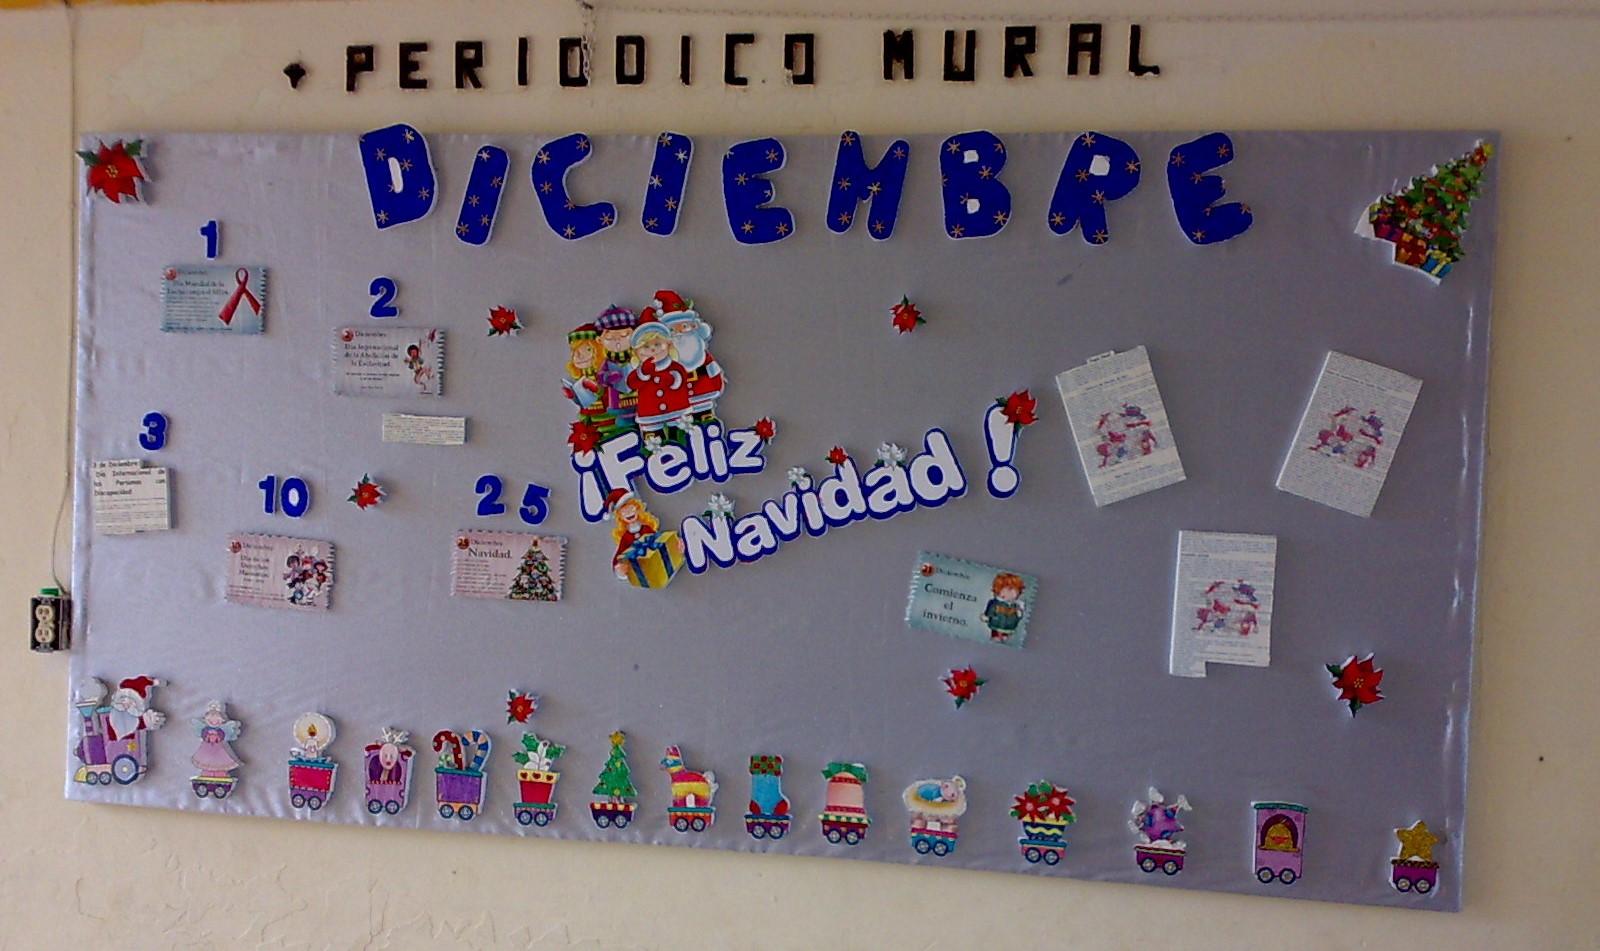 Periodico mural diciembre 3 imagenes educativas for Deportes para el periodico mural